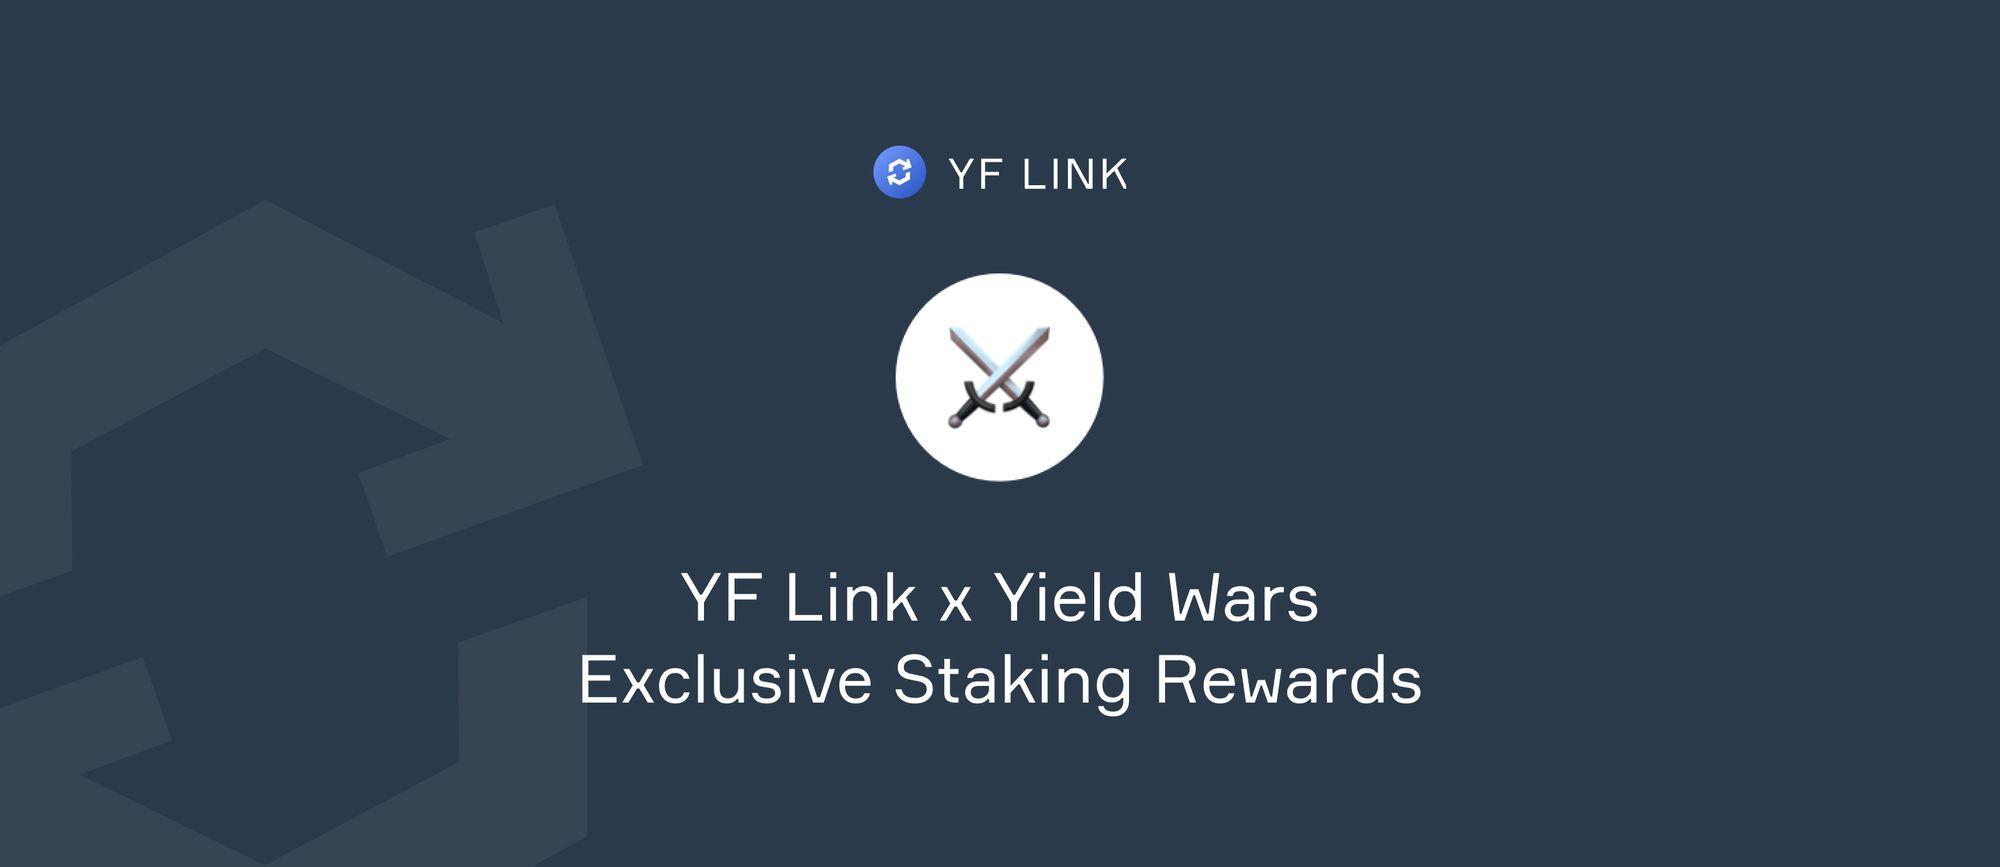 Stake YFL and earn WAR!